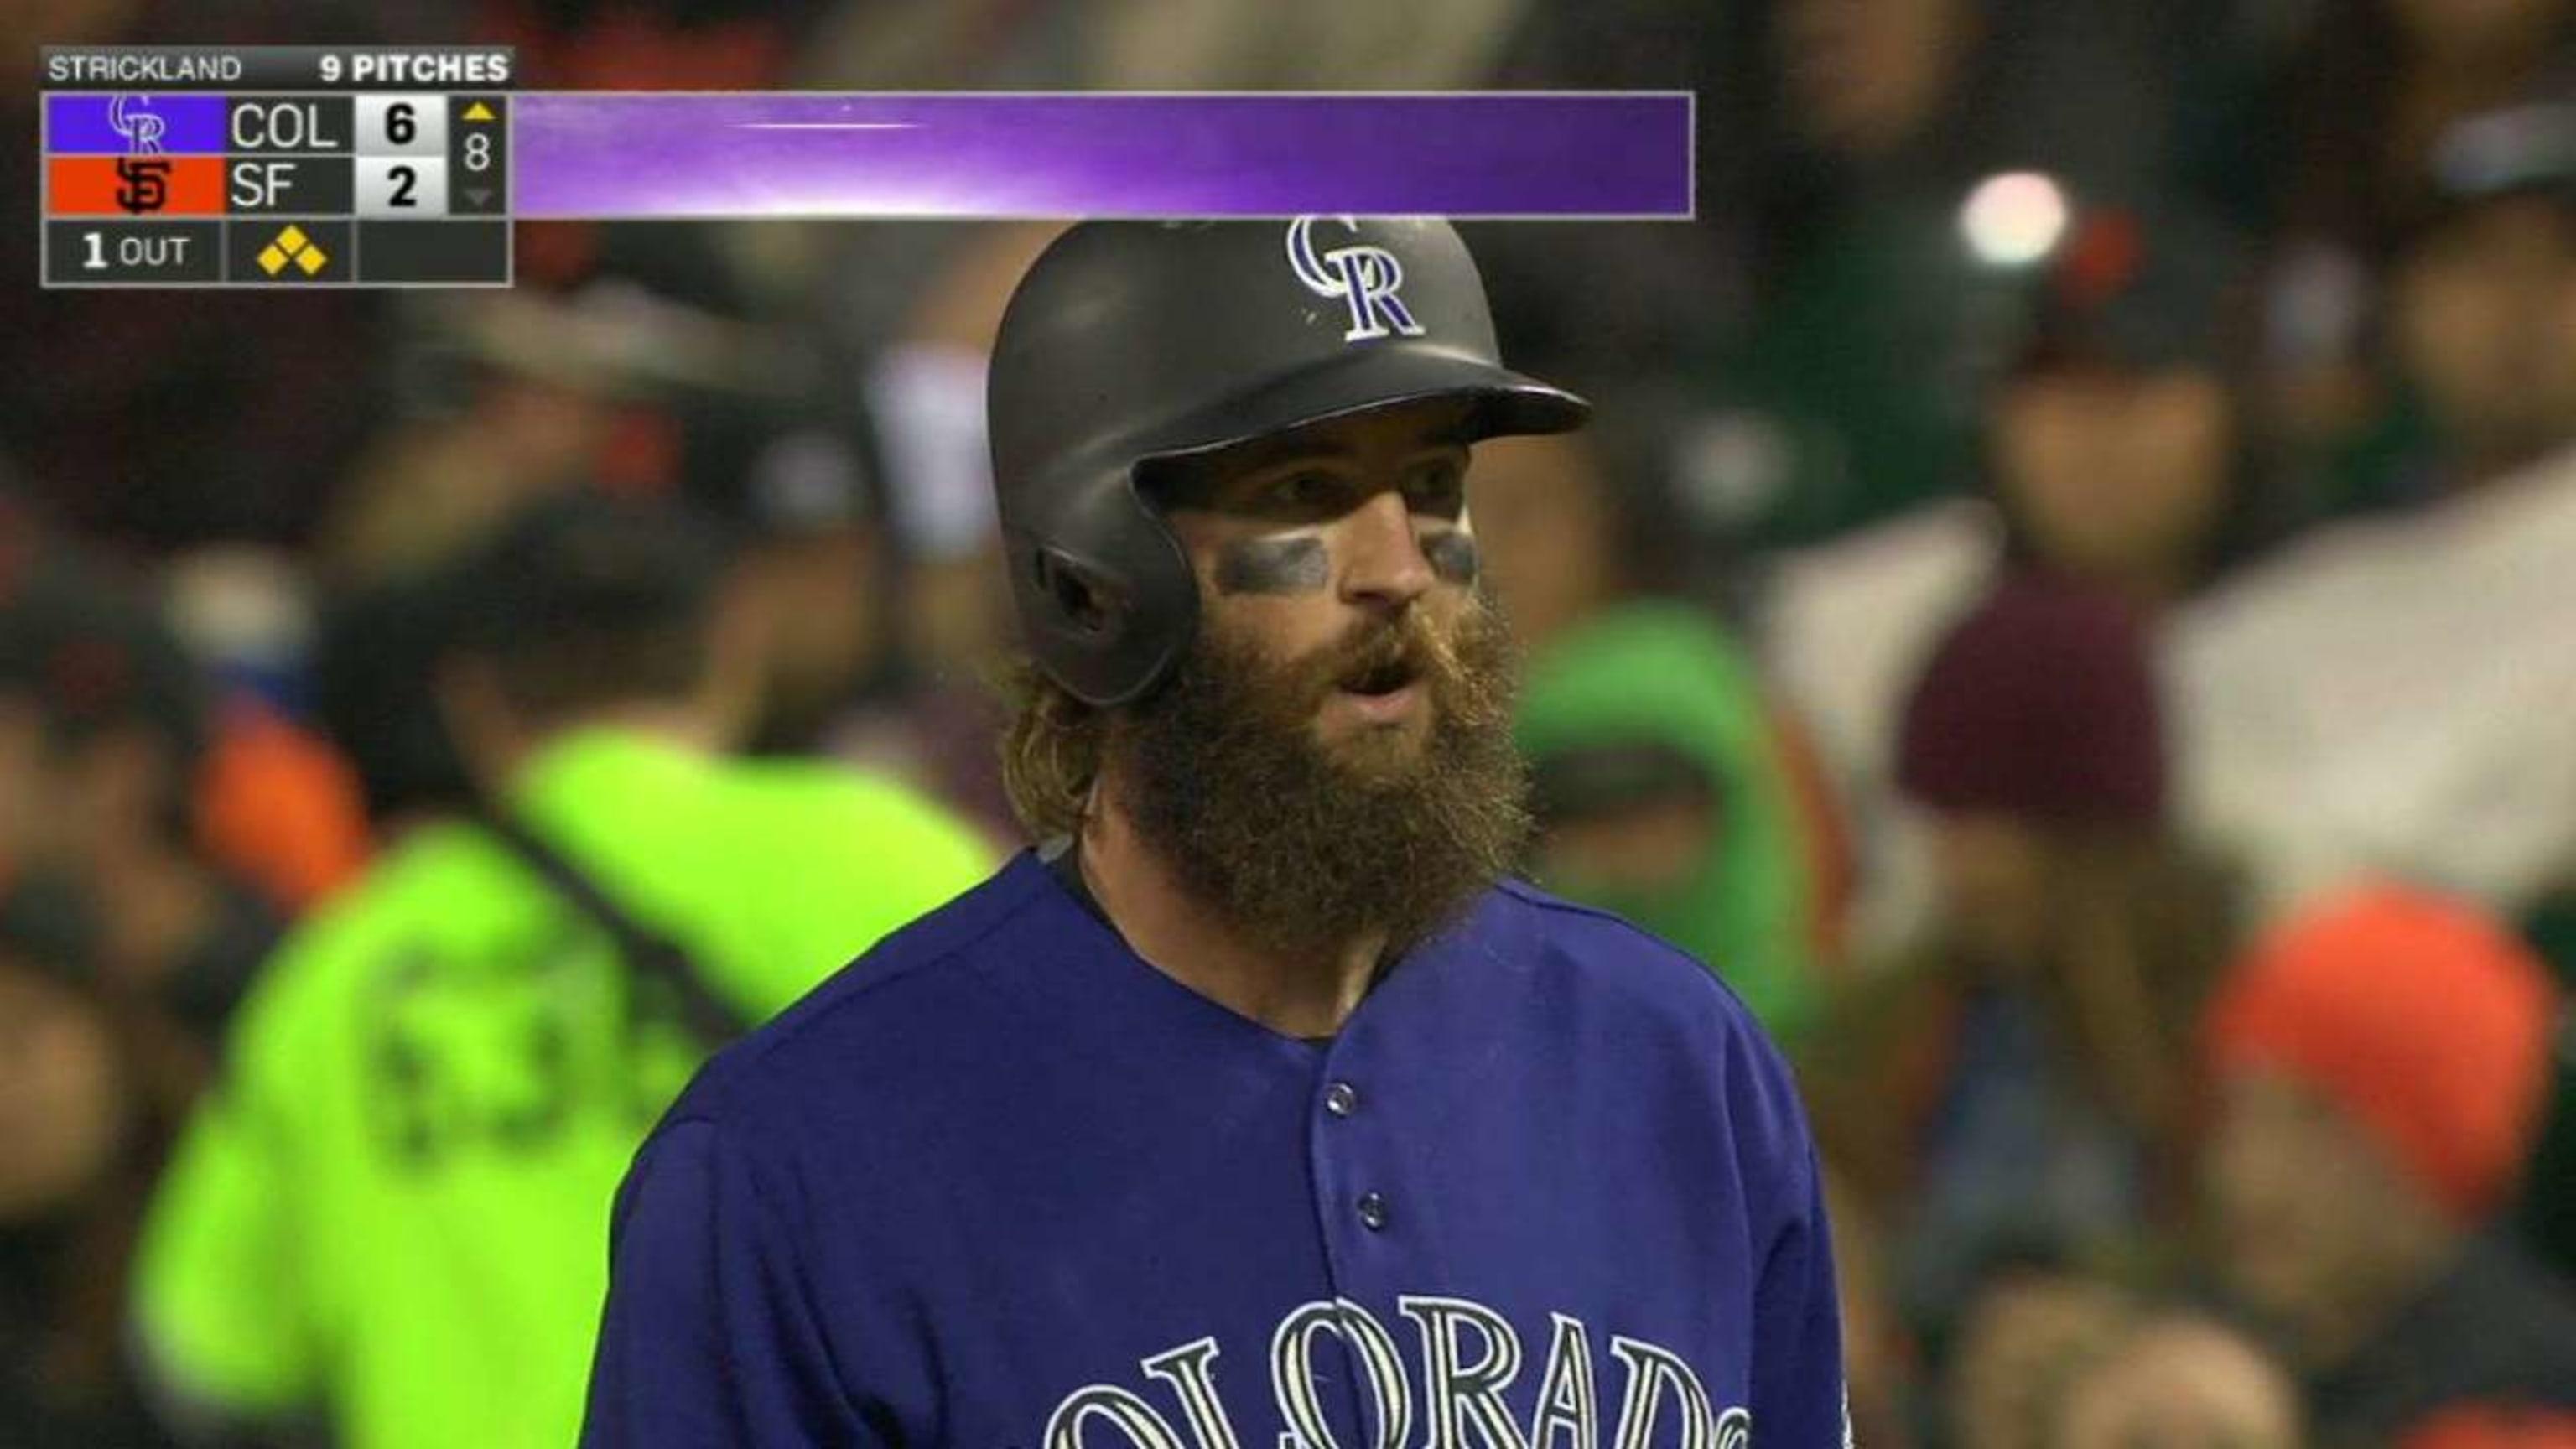 Charlie Blackmon Colorado Rockies Spring Training Baseball Player Jersey